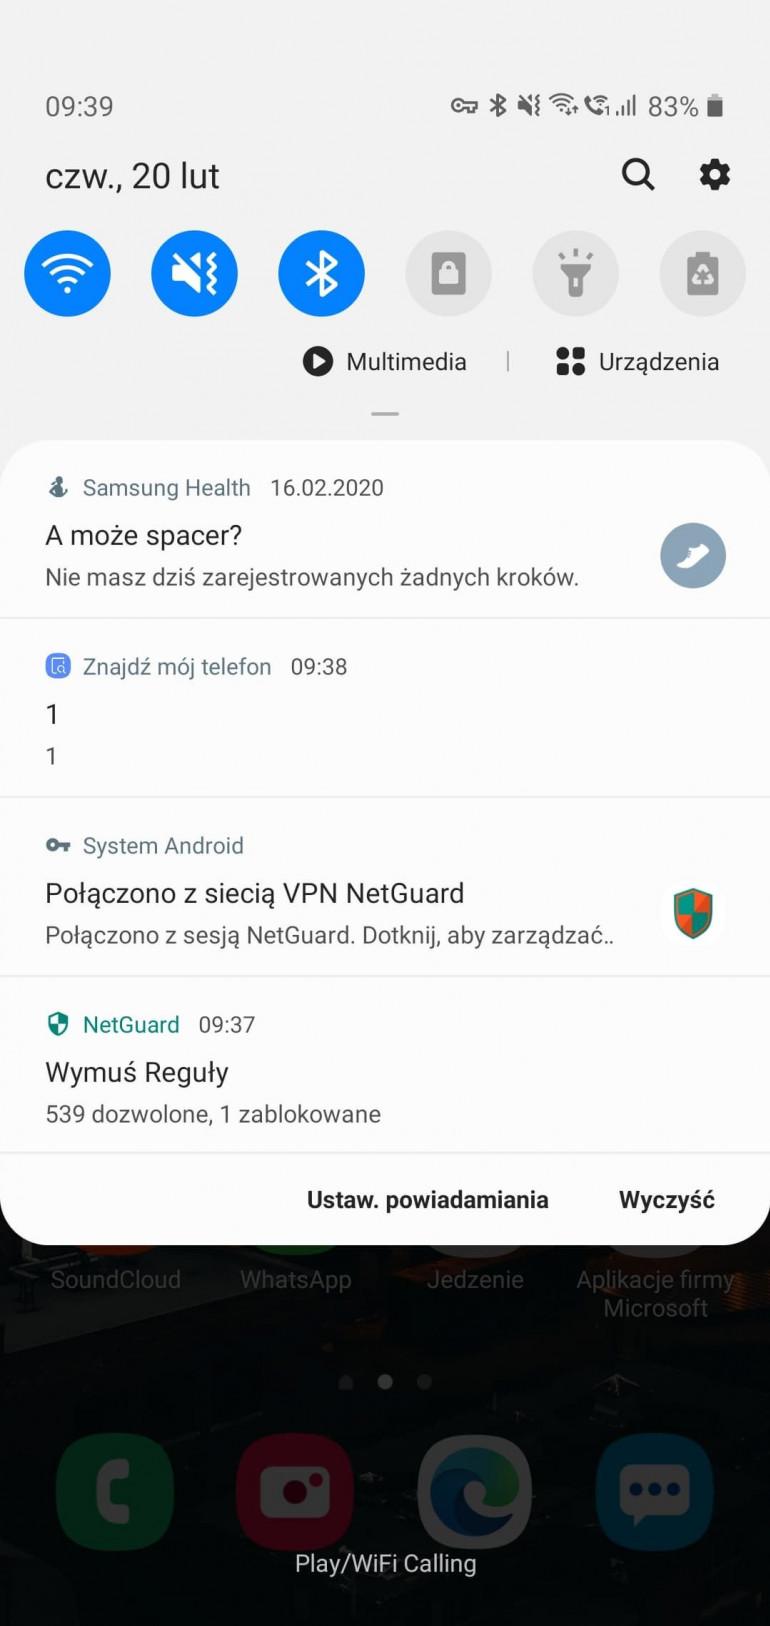 Masz Samsunga i otrzymałeś dziwne powiadomienie z aplikacji Znajdź mój Telefon? Spokojnie to tylko błąd